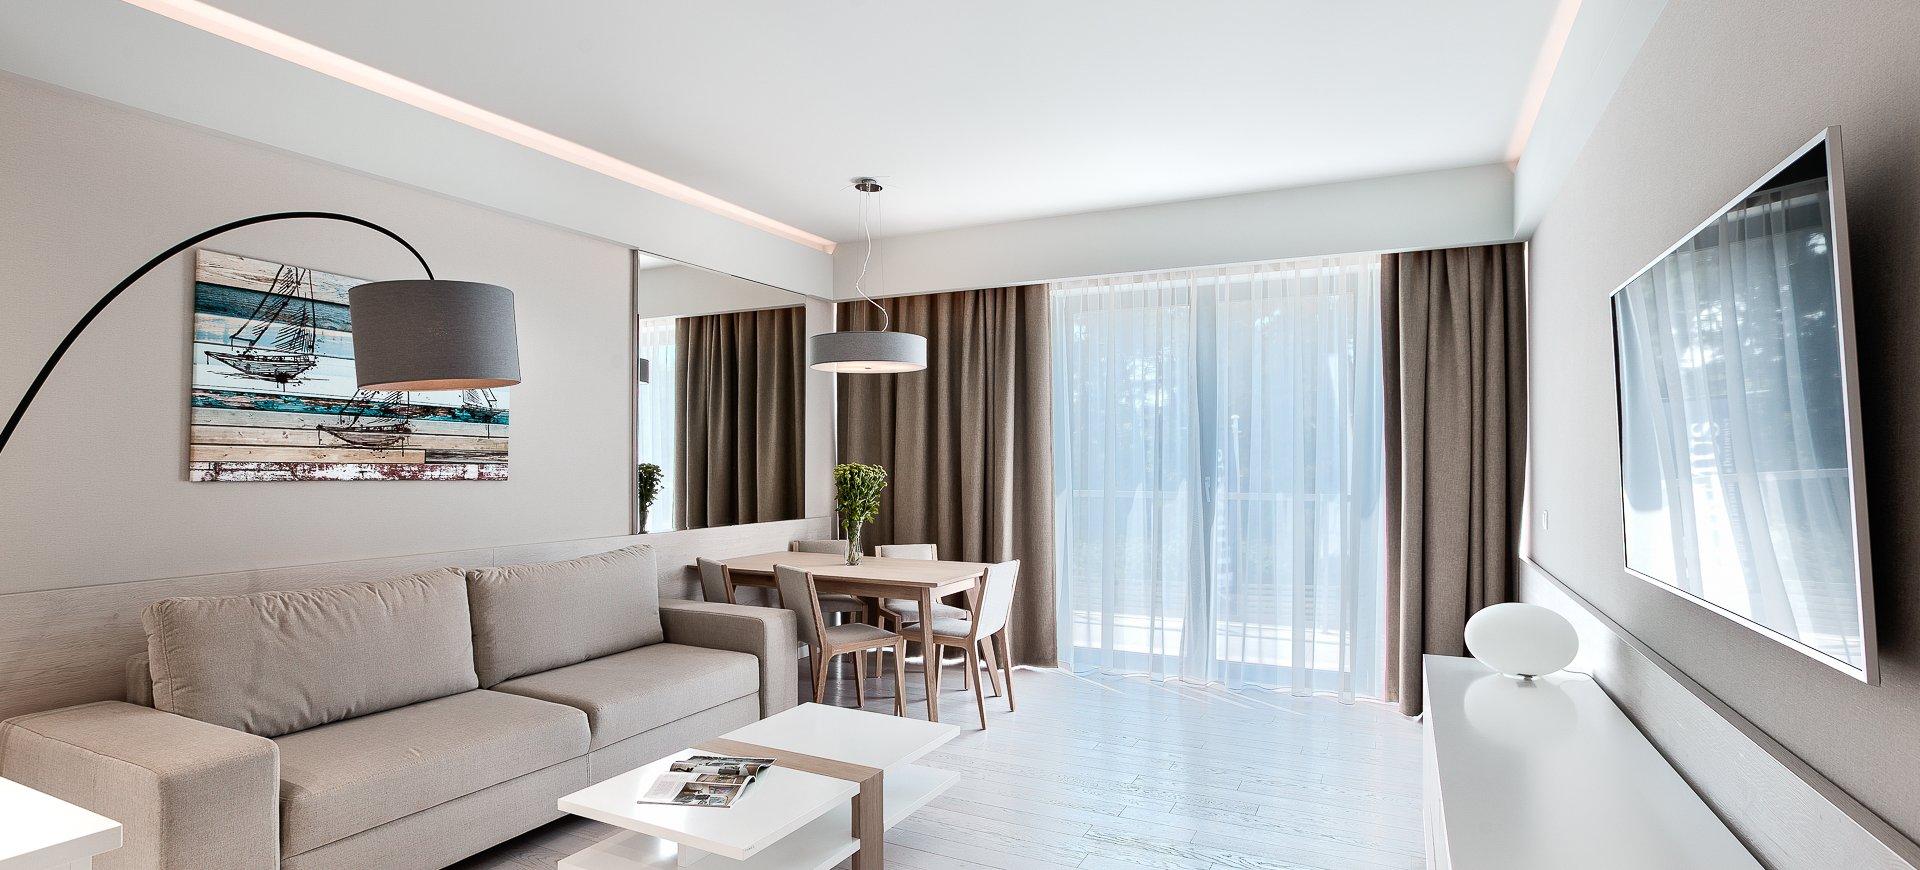 Apartament Deluxe z 1 sypialnią 1.03 B z dużym tarasem